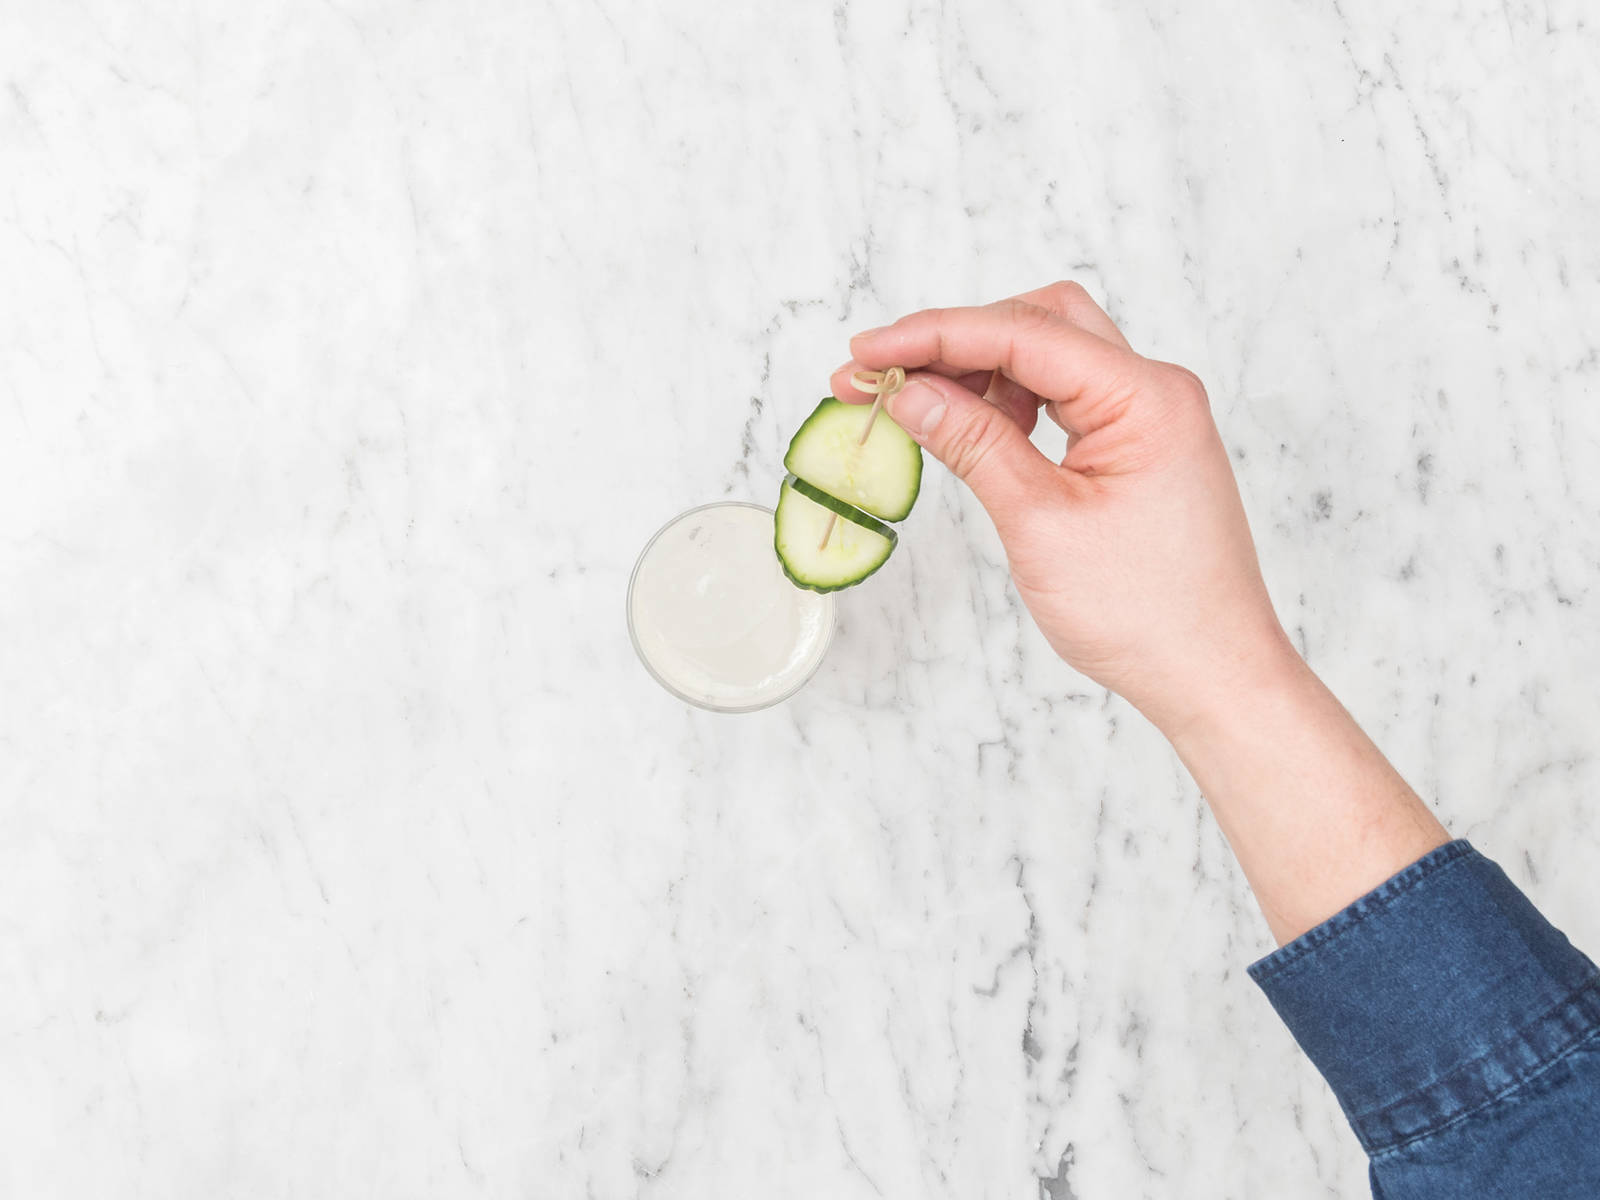 往杯中放入冰块,倒满姜汁啤酒。饰以黄瓜片和柠檬皮碎。尽情享用吧!